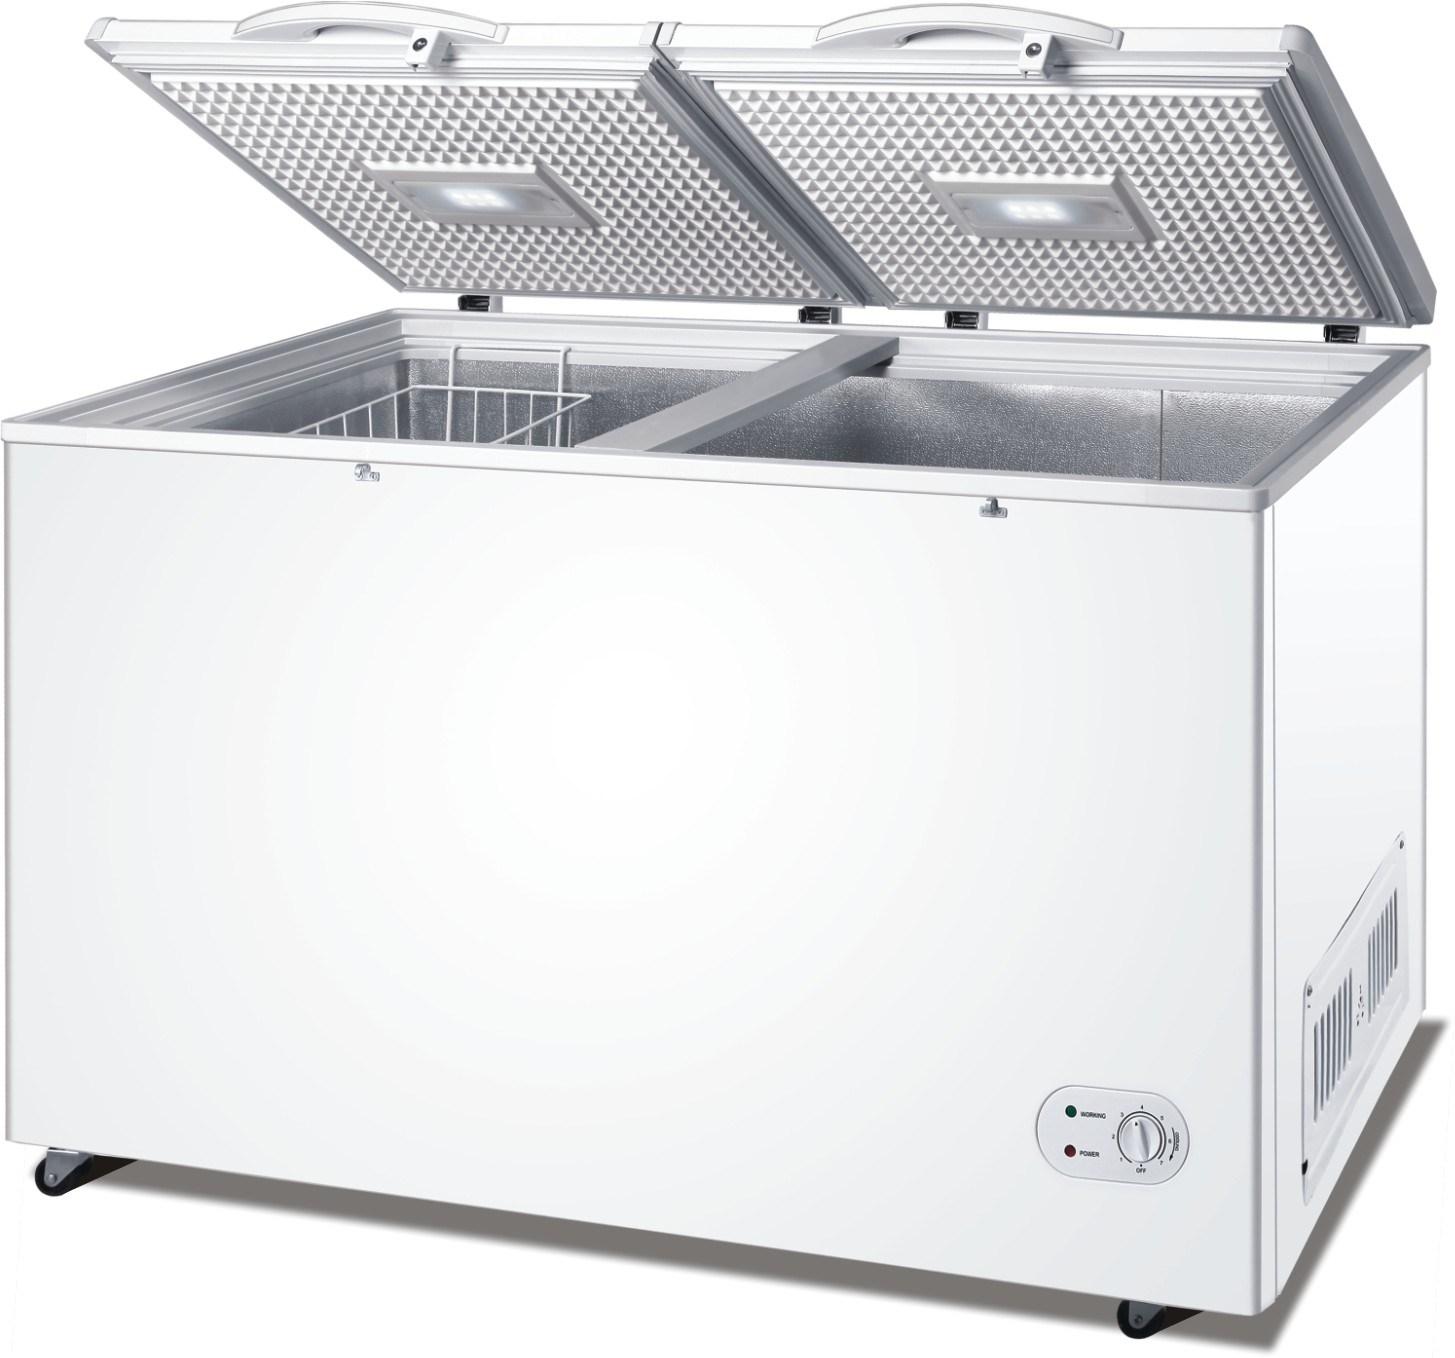 China Chest Freezer (JS-BD-550) - China Chest Freezer, Freezer